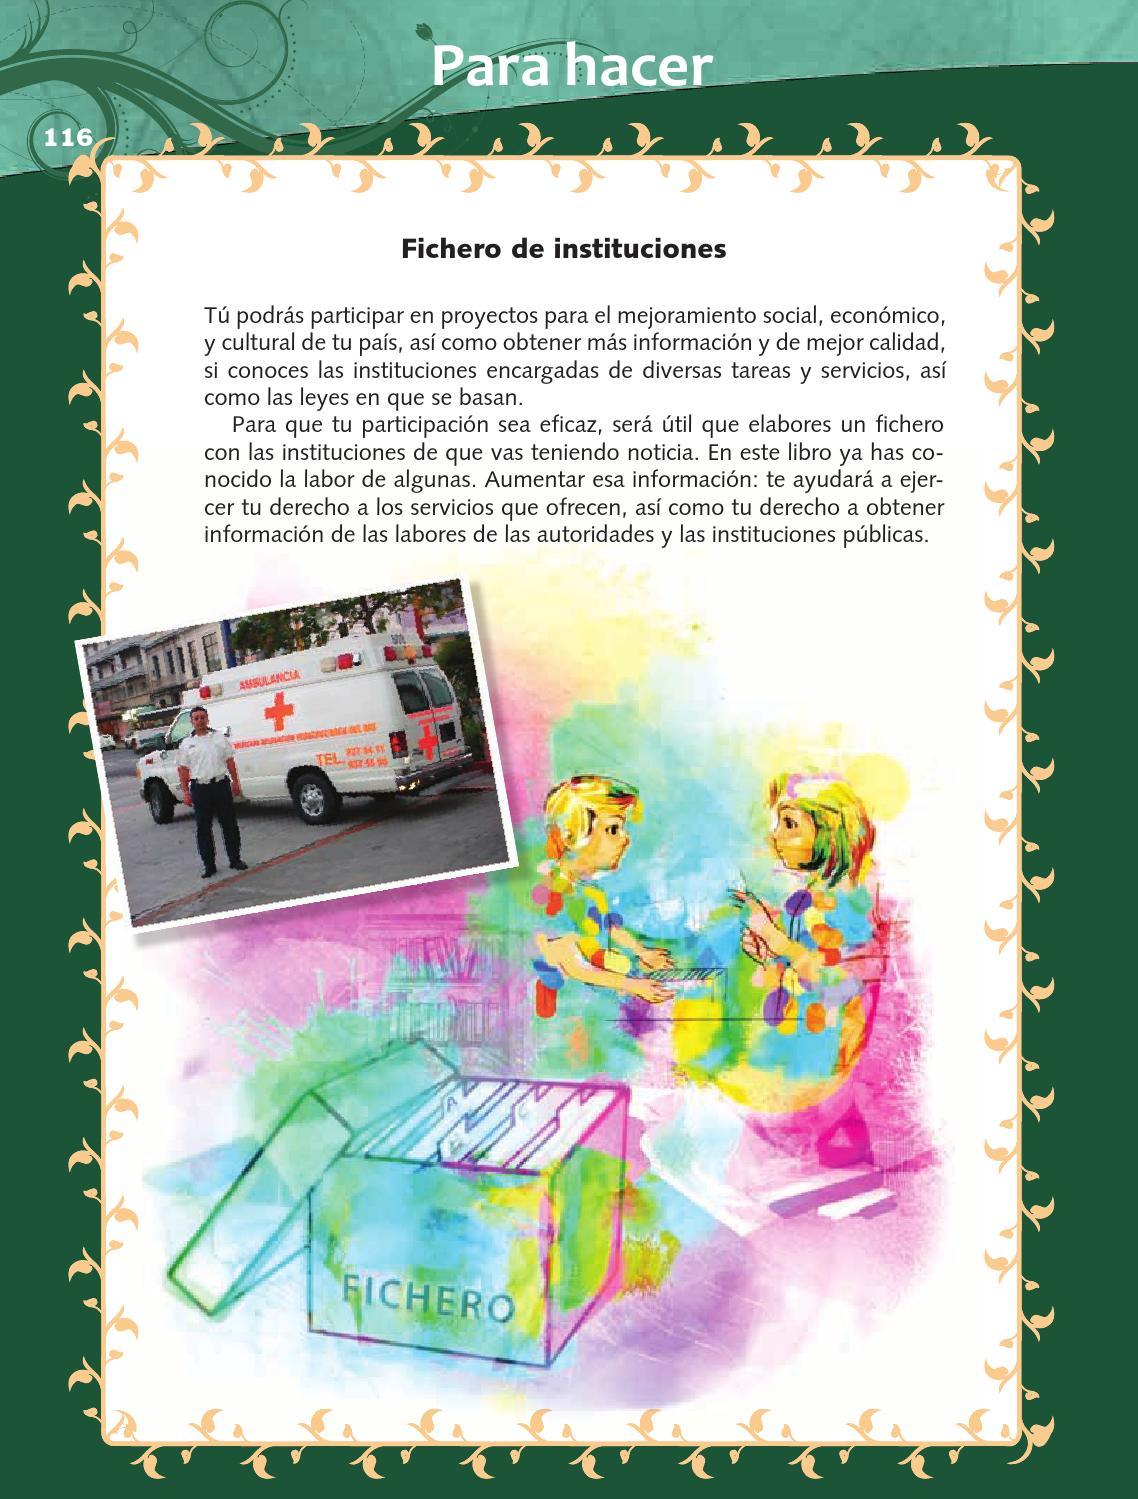 Para hacer - Formación Cívica y Ética 4to Bloque 5 2014-2015